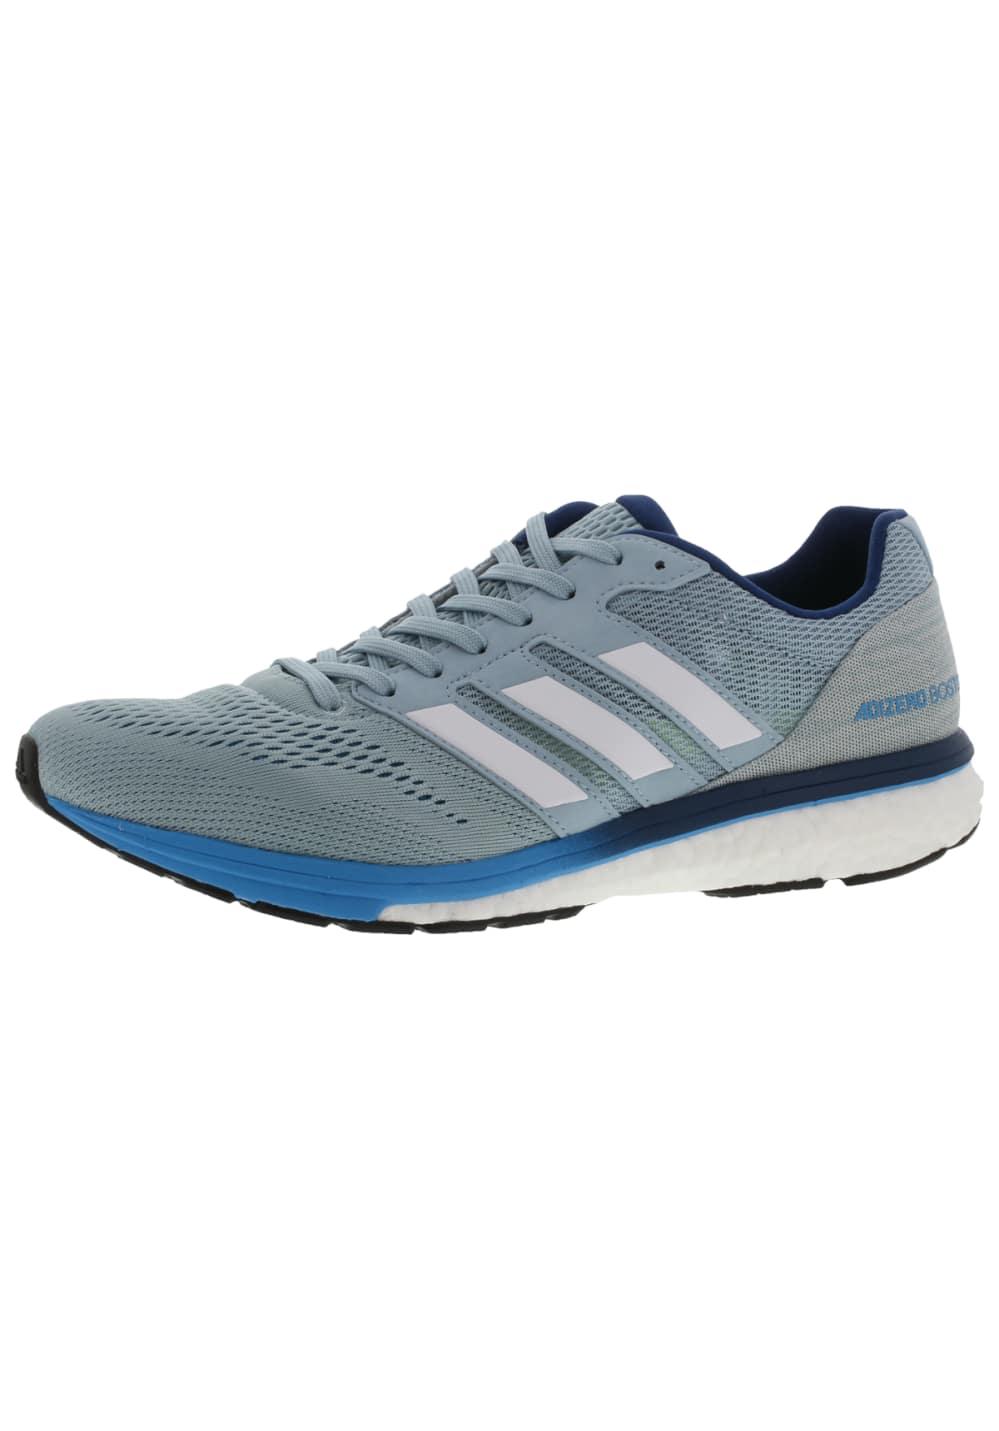 site réputé ea7c0 339c6 adidas adiZero Boston 7 - Chaussures running pour Homme - Bleu